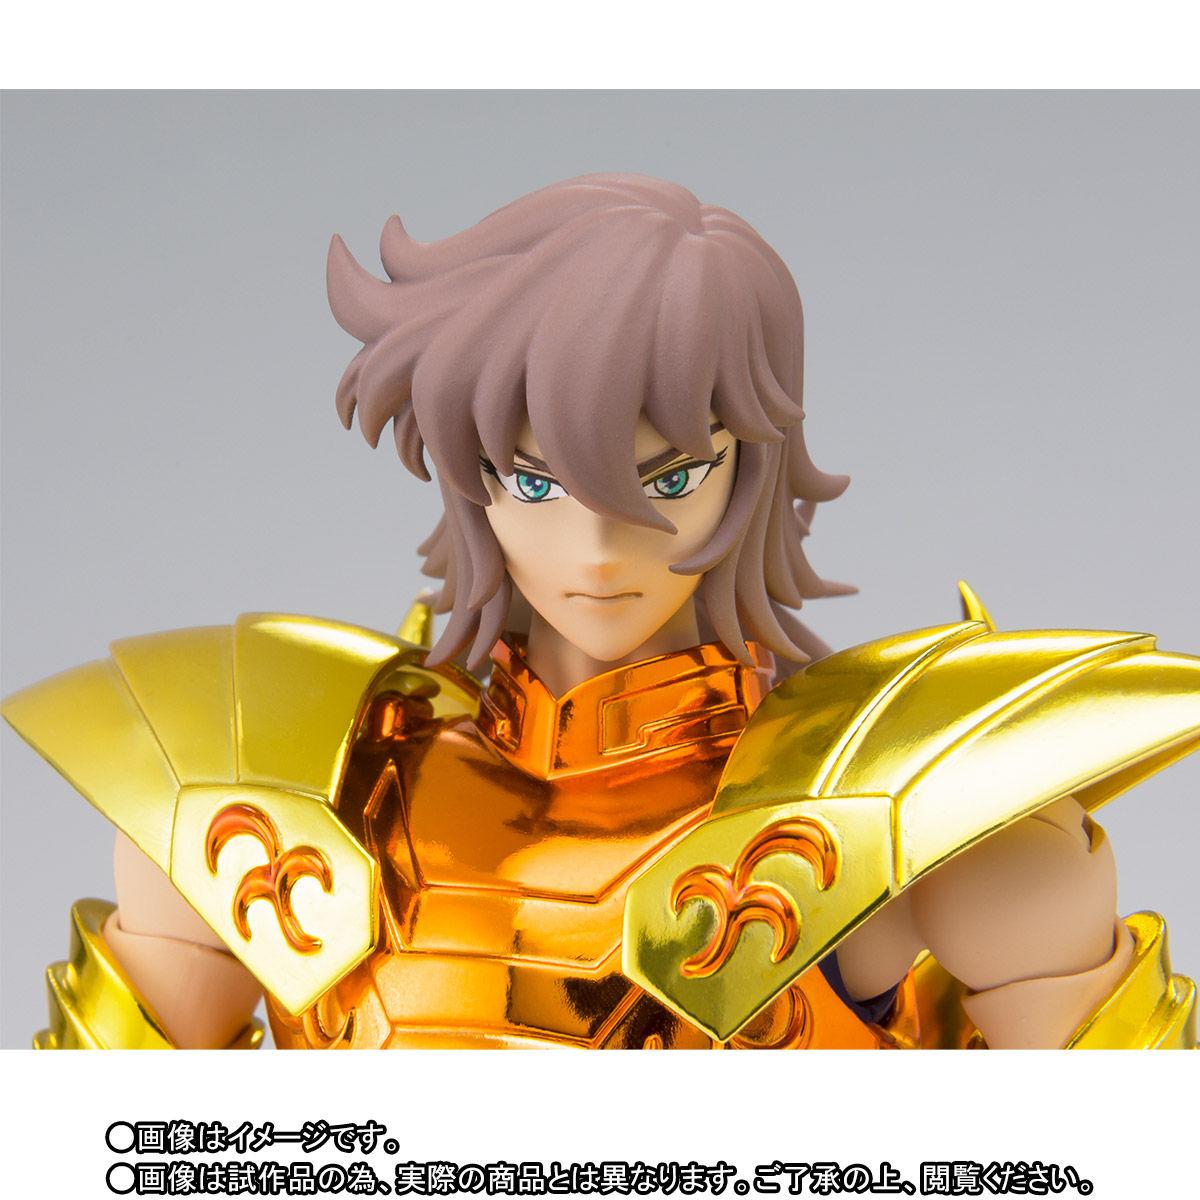 【限定販売】聖闘士聖衣神話EX『シーホースバイアン』聖闘士星矢 可動フィギュア-008